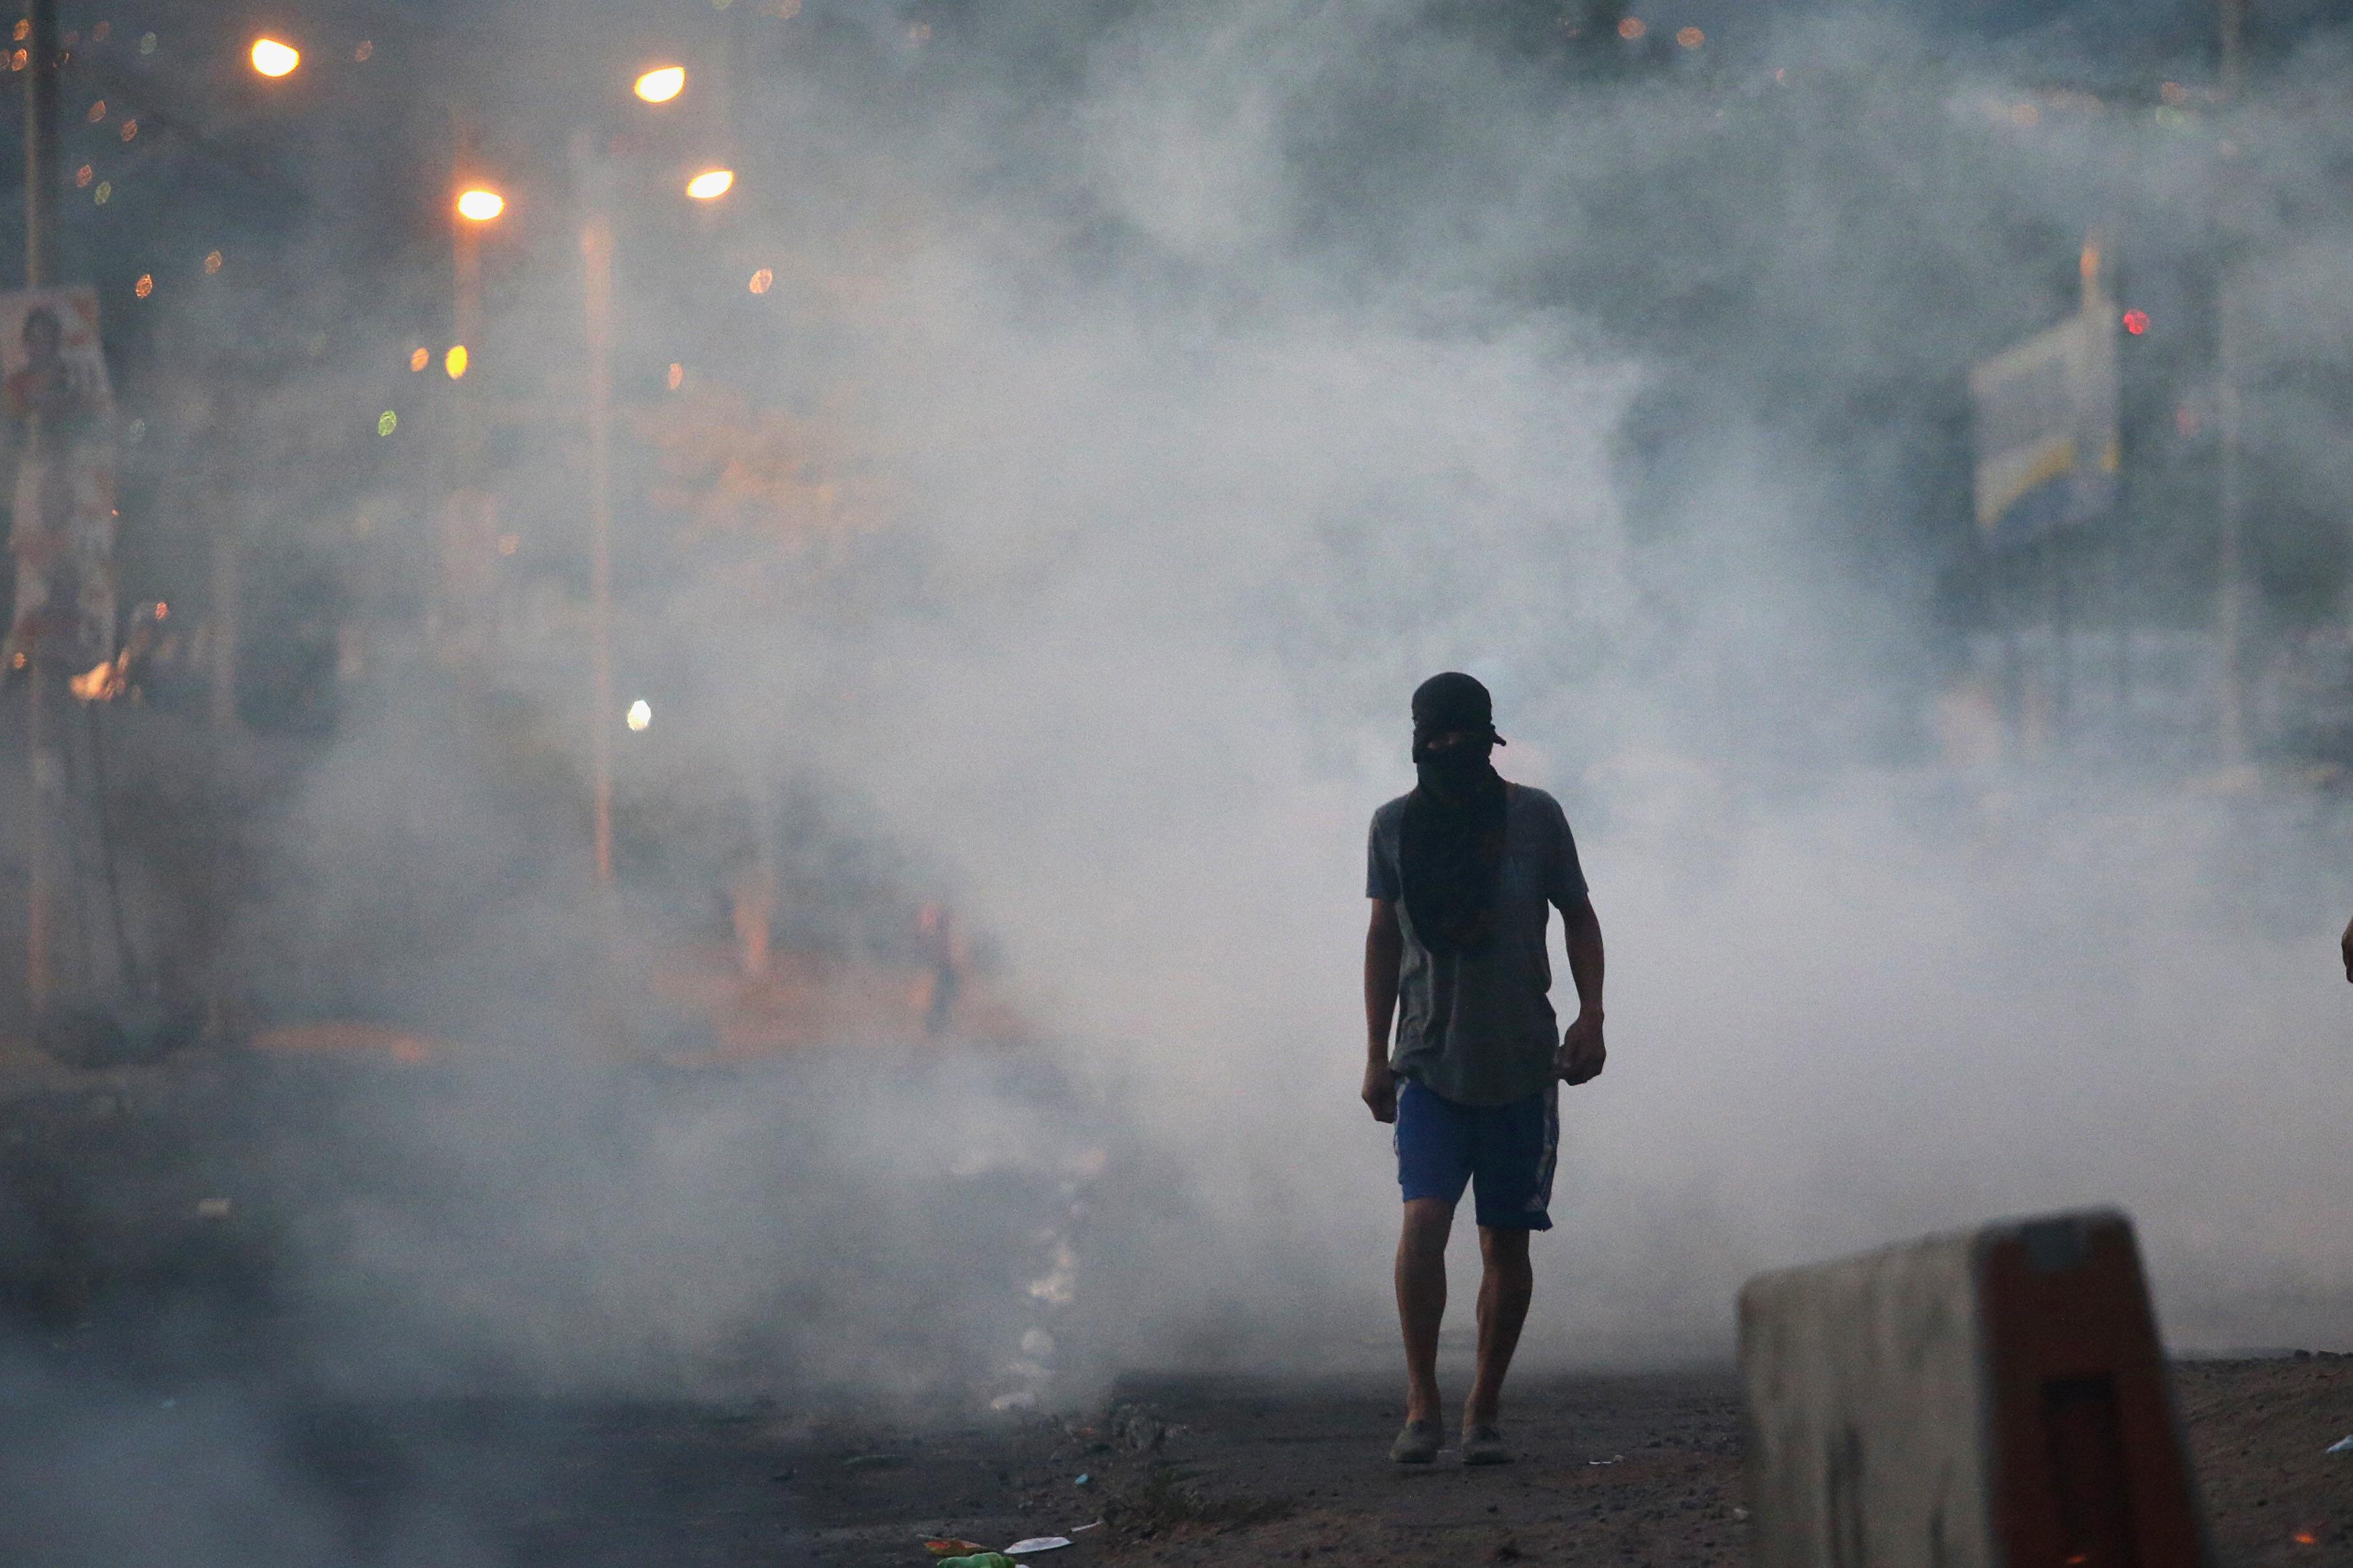 Ονδούρα: Στους 3 οι νεκροί των διαδηλώσεων. Άγνωστος παραμένει ο νικητής των